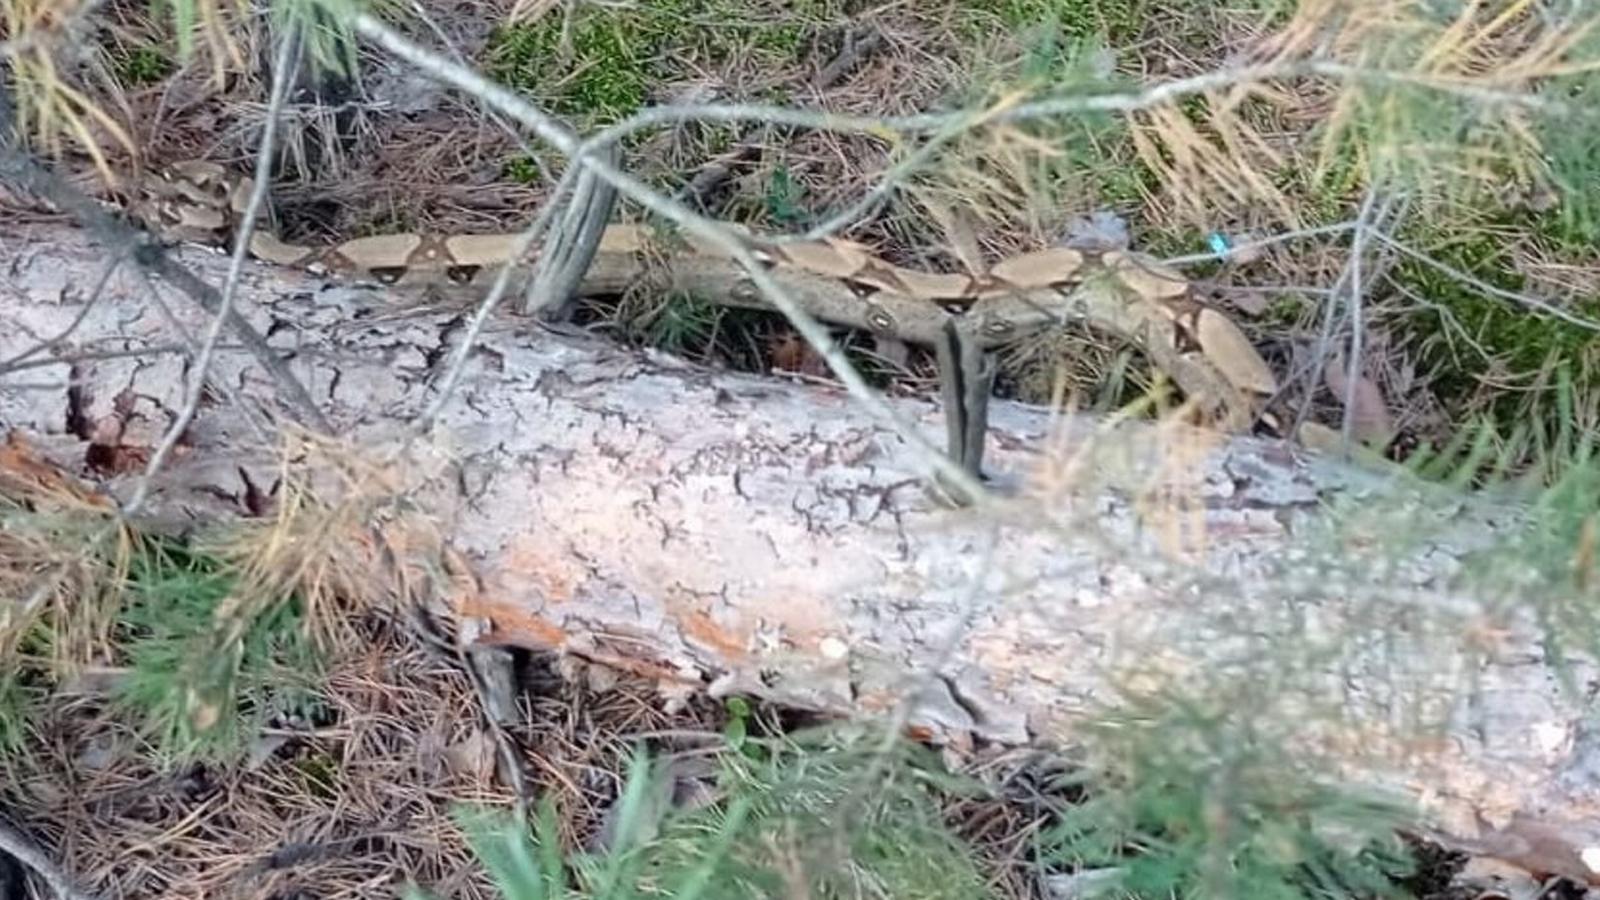 Zamiast grzybów znalazł węża. To gatunek groźny dla człowieka